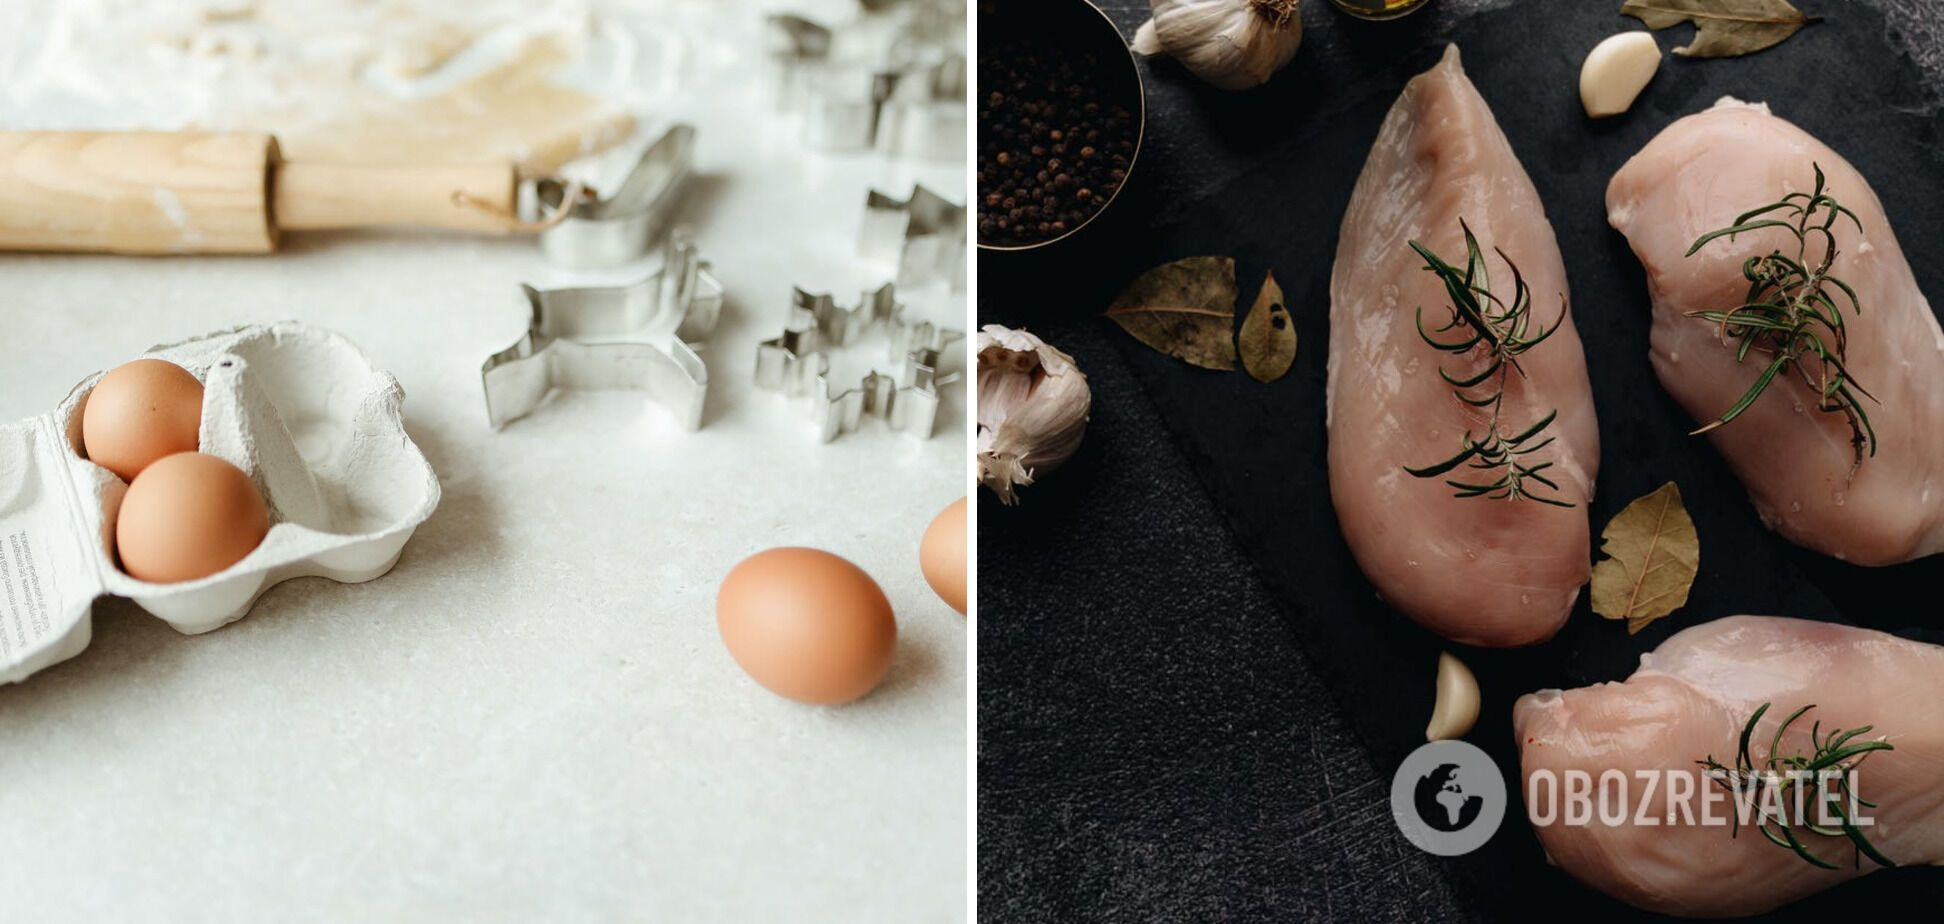 М'ясо та яйця – продукти, які не варто промивати під краном